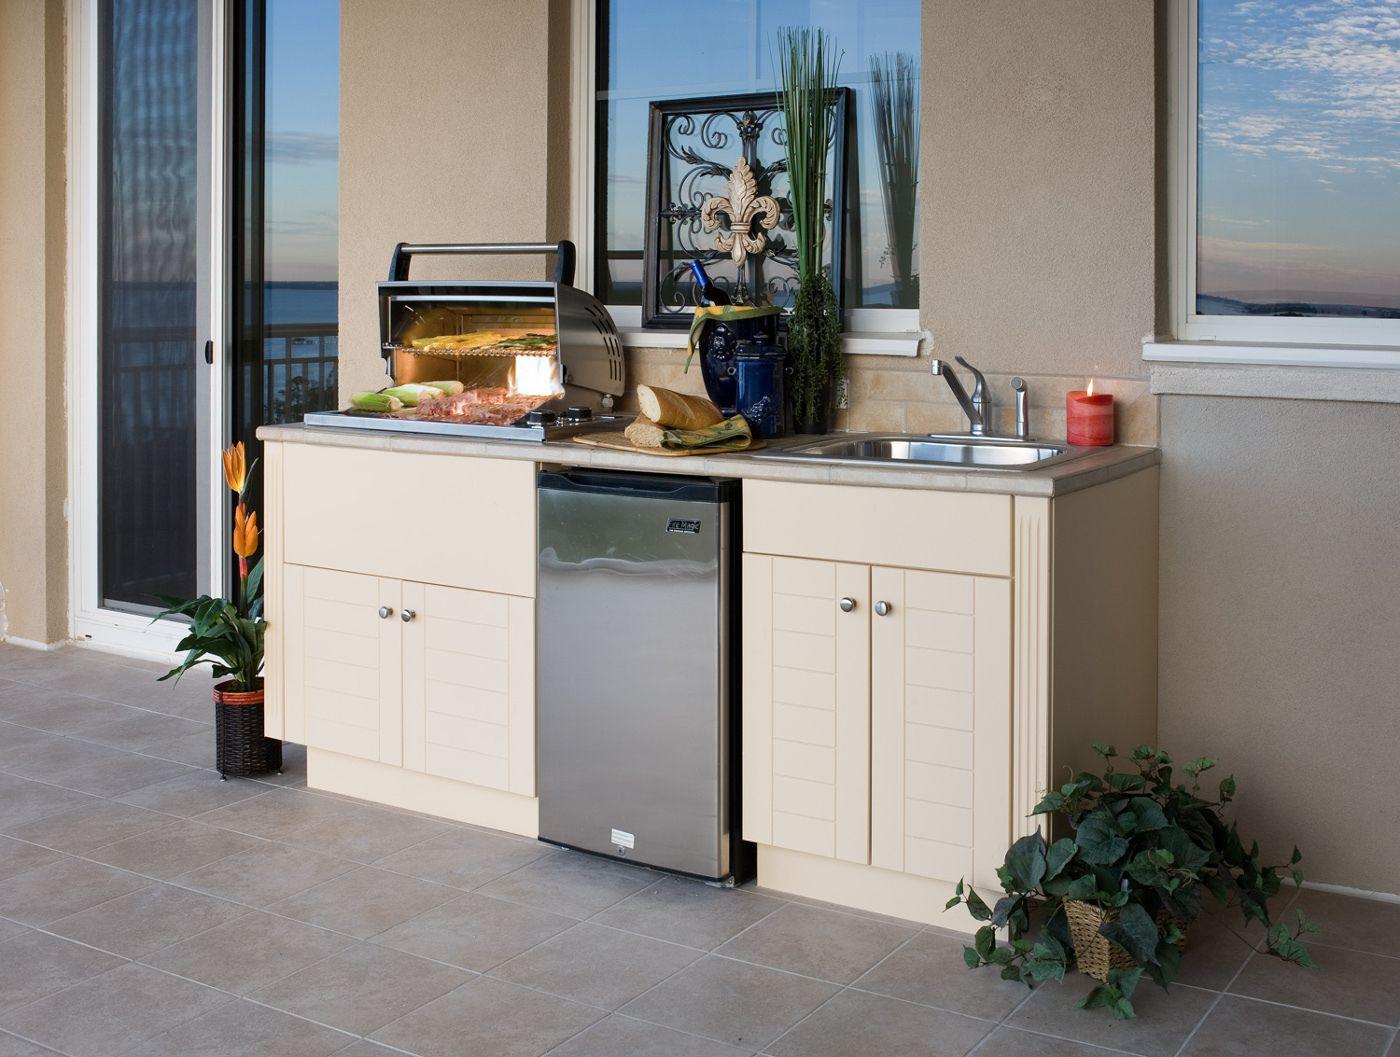 Outdoor Küche Deko : Outdoor küche kabinett #badezimmer #büromöbel #couchtisch #deko